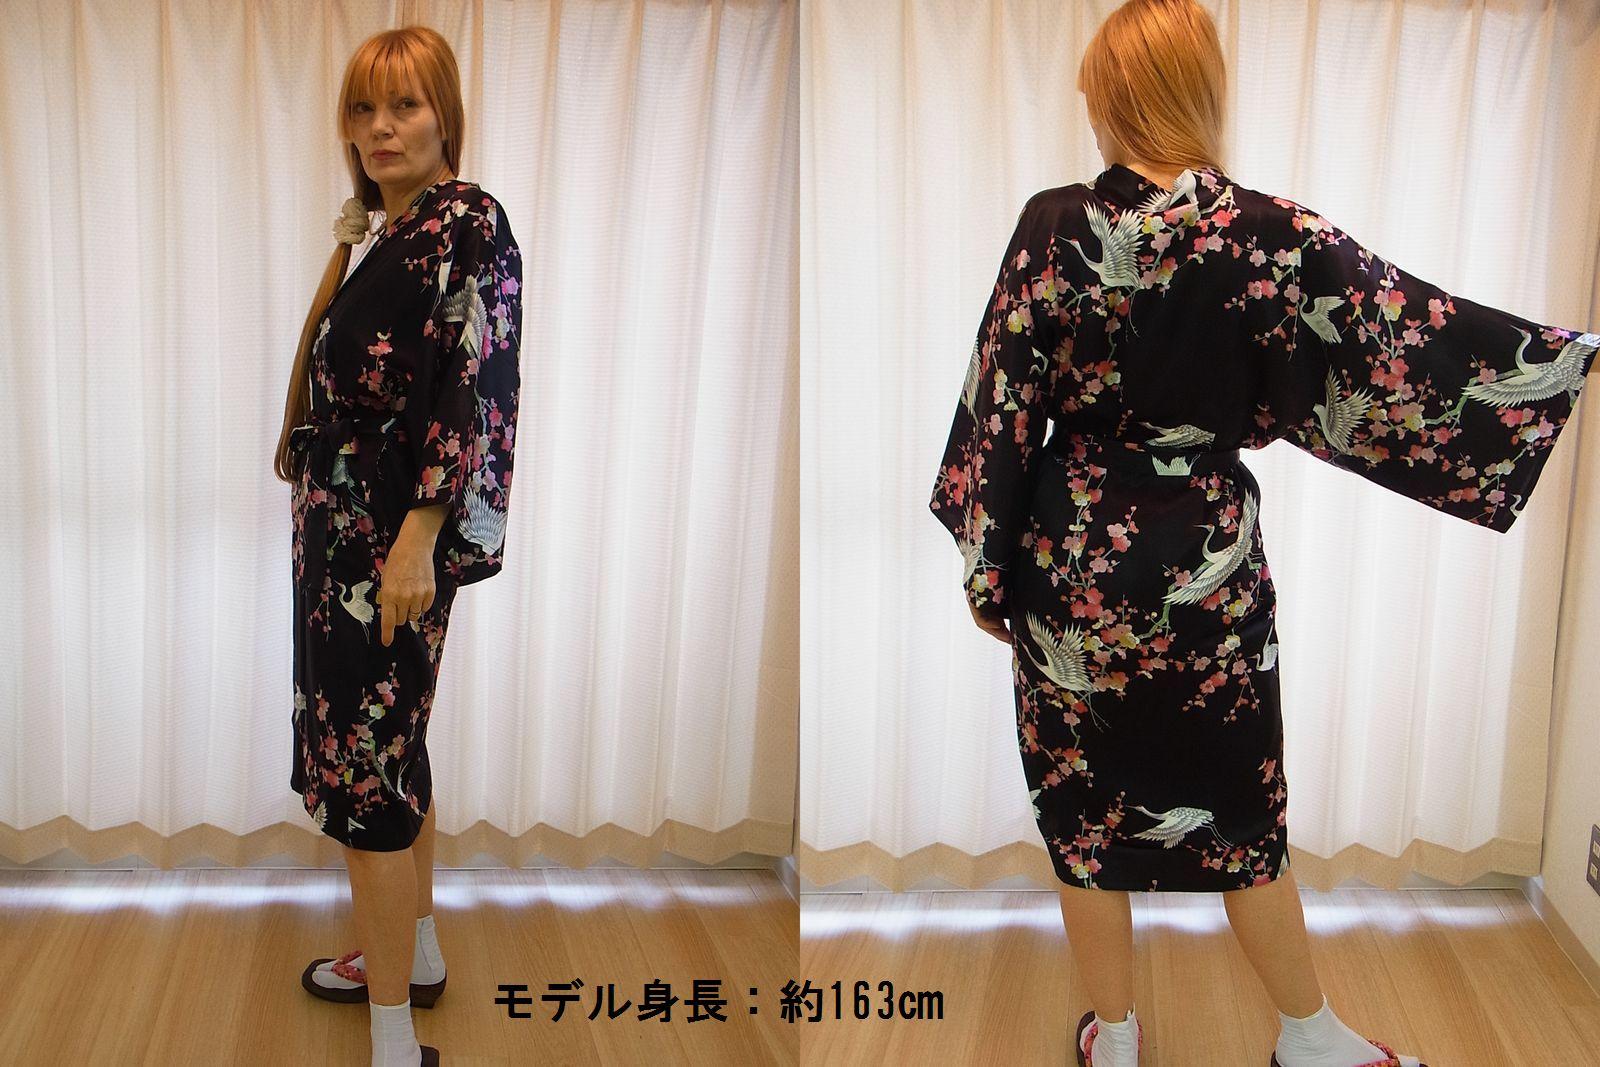 【日本のおみやげ】◆外国人向けシルクハッピローブ【梅鶴】女性用(フリーサイズ)